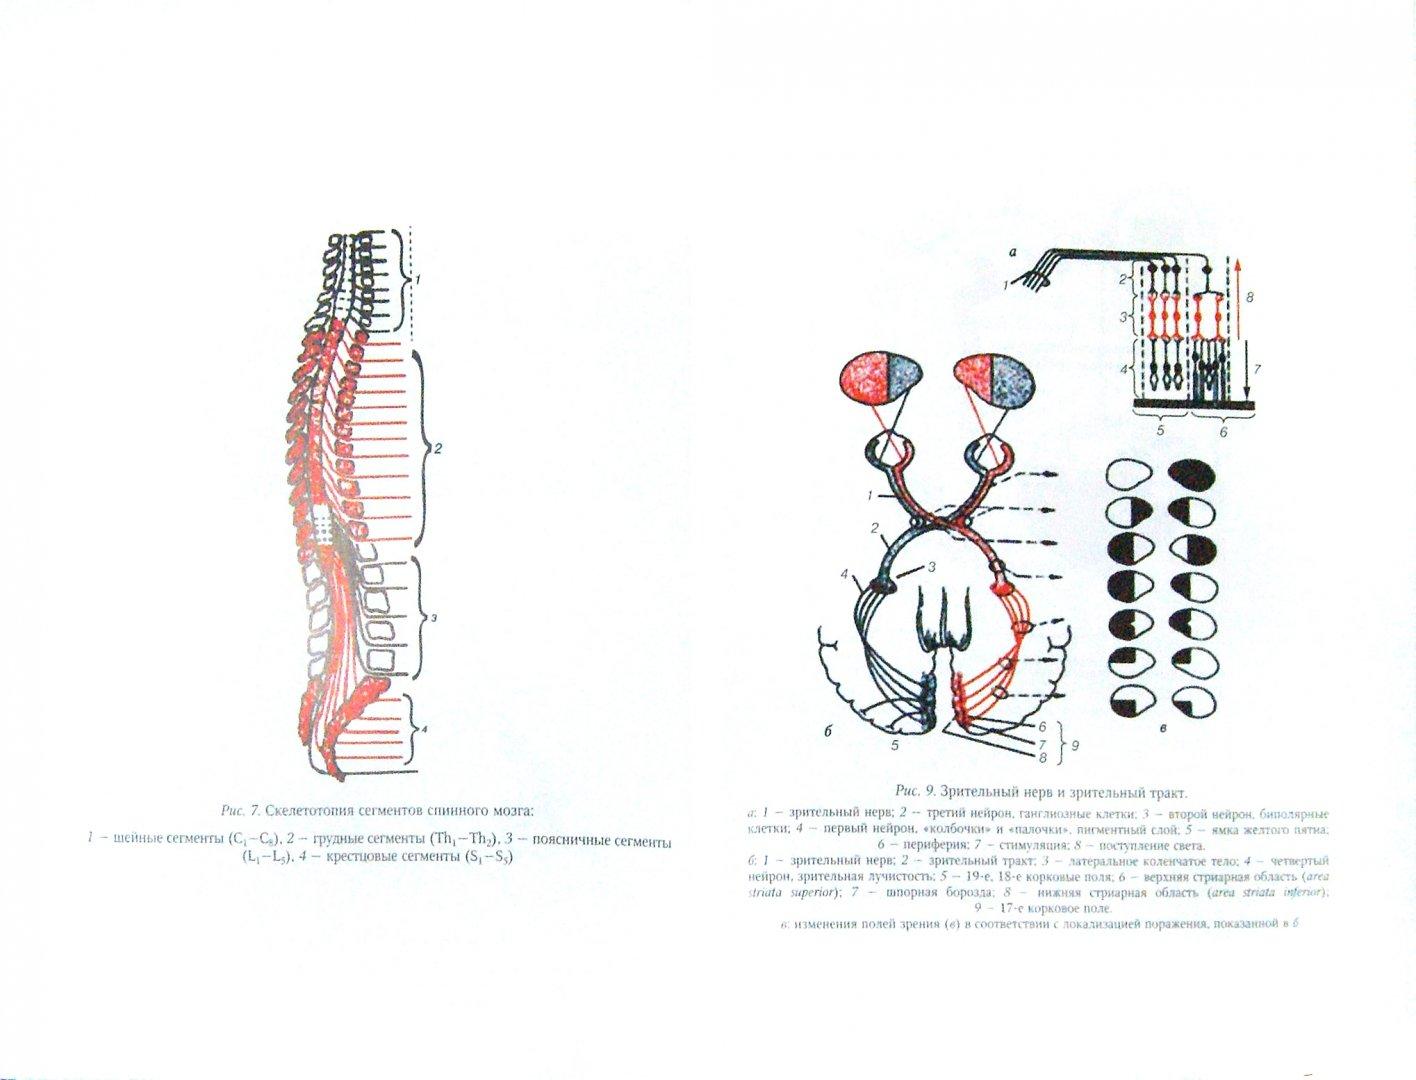 Иллюстрация 1 из 42 для Нервные болезни. Учебник для студентов медицинских вузов - Андреева, Одинак, Одинак, Базилевич   Лабиринт - книги. Источник: Лабиринт